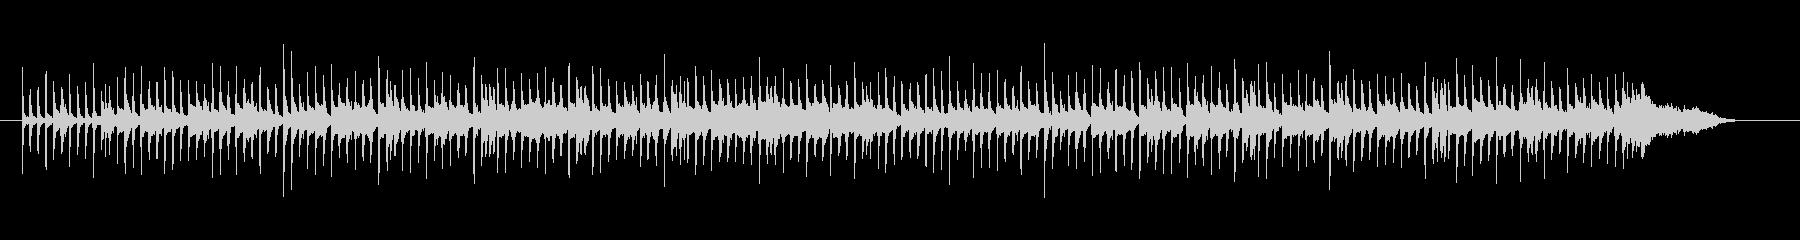 現代的なワルツの未再生の波形